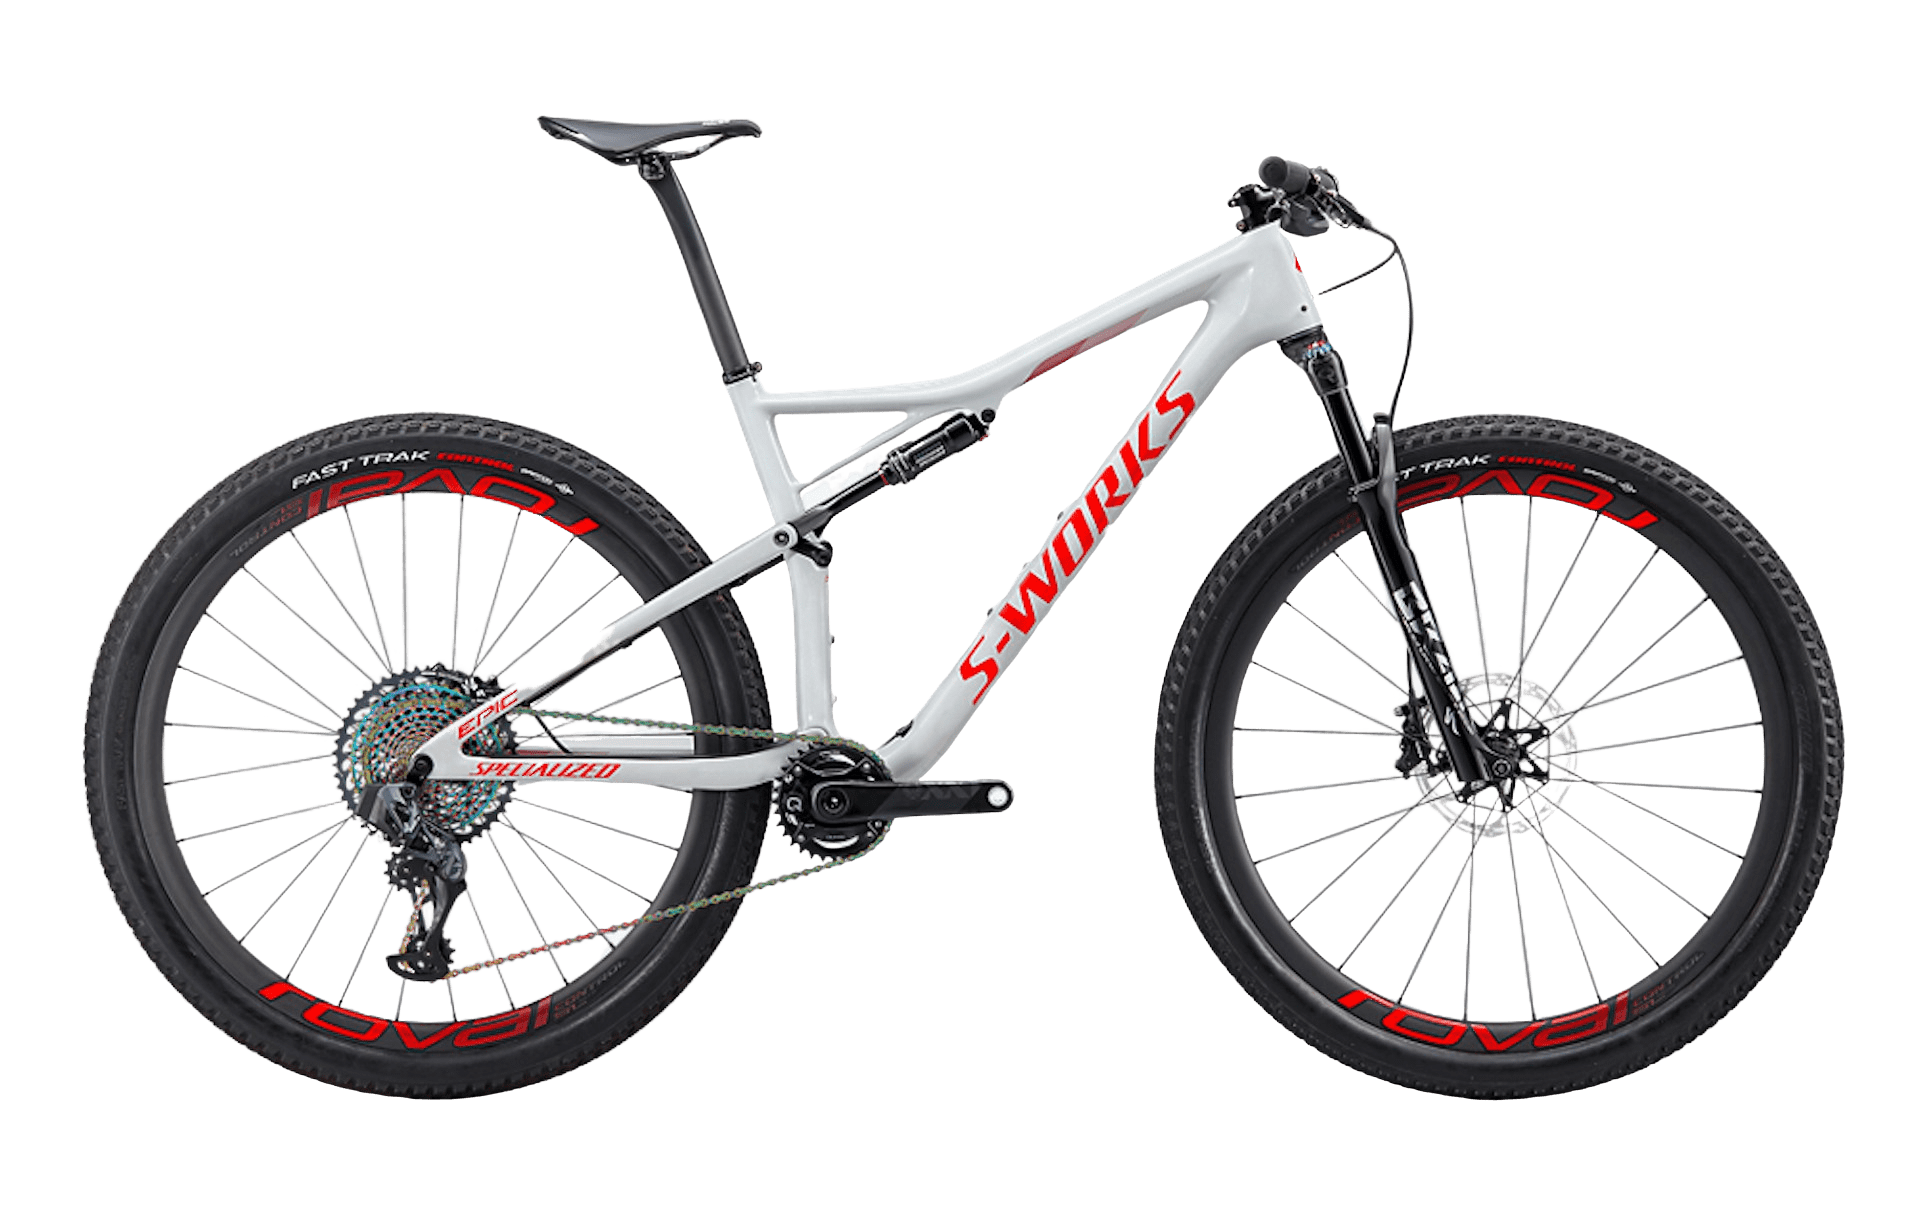 specialized s-works epic axs mountainbike